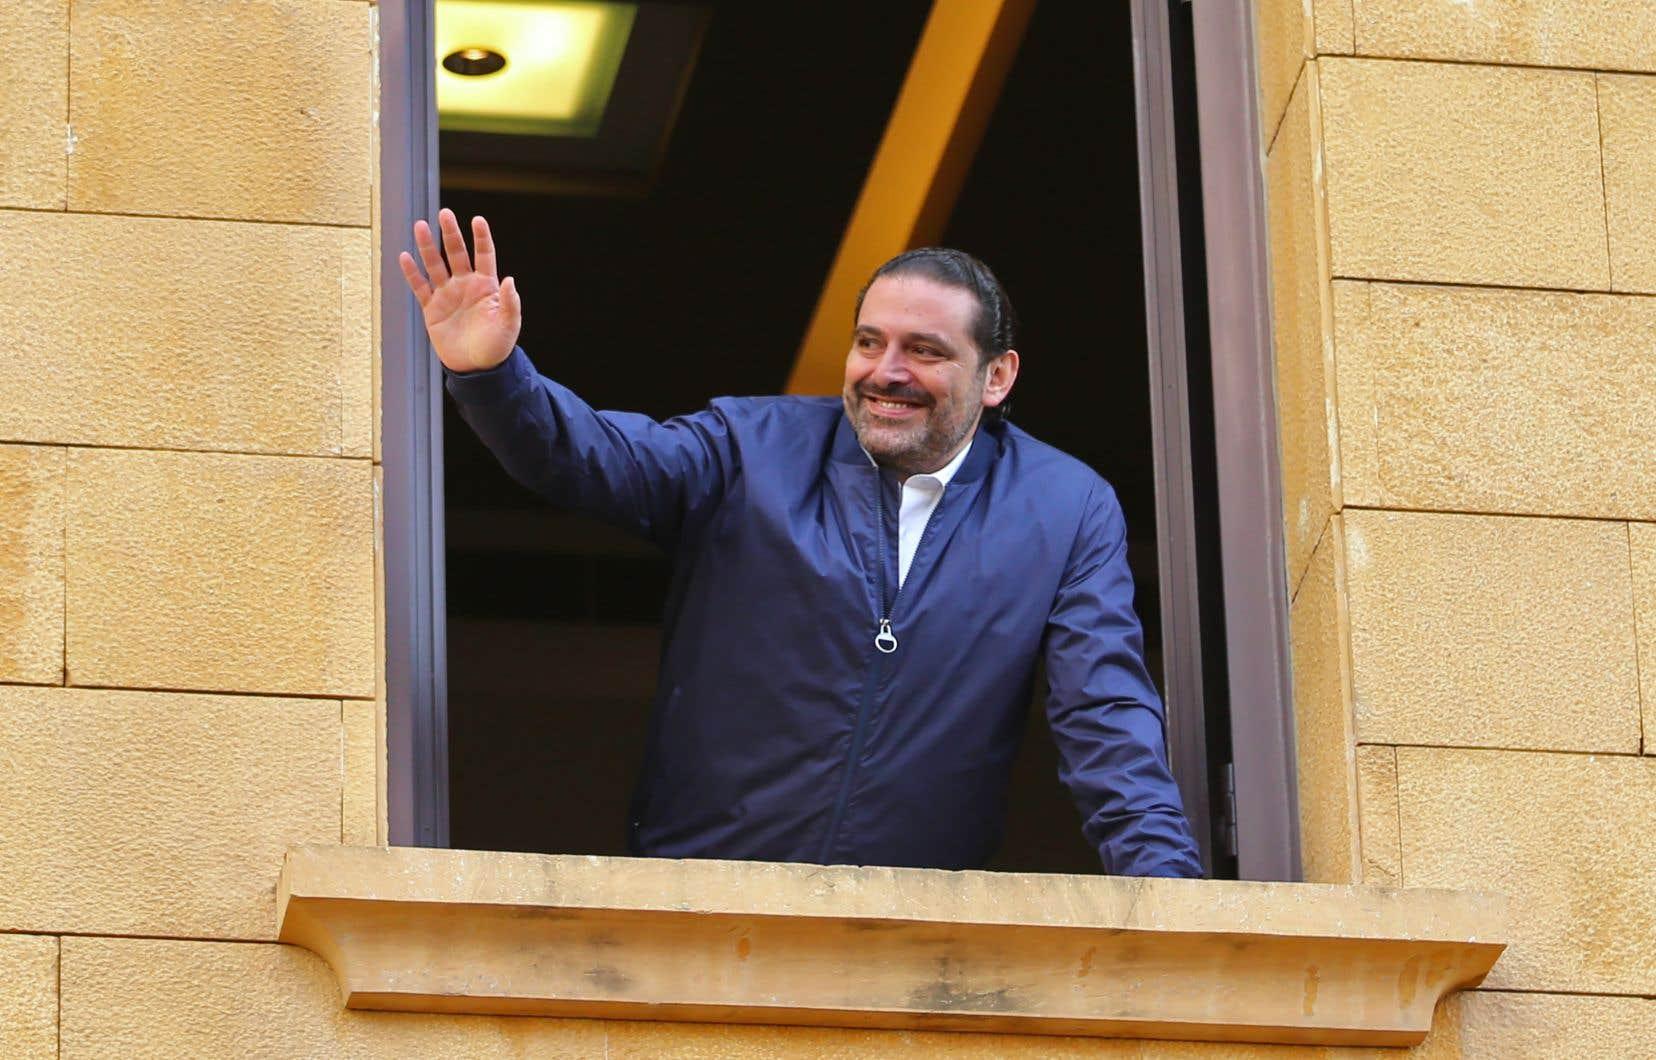 Le premier ministreSaad Hariri est finalement rentré au Liban la semaine dernière.